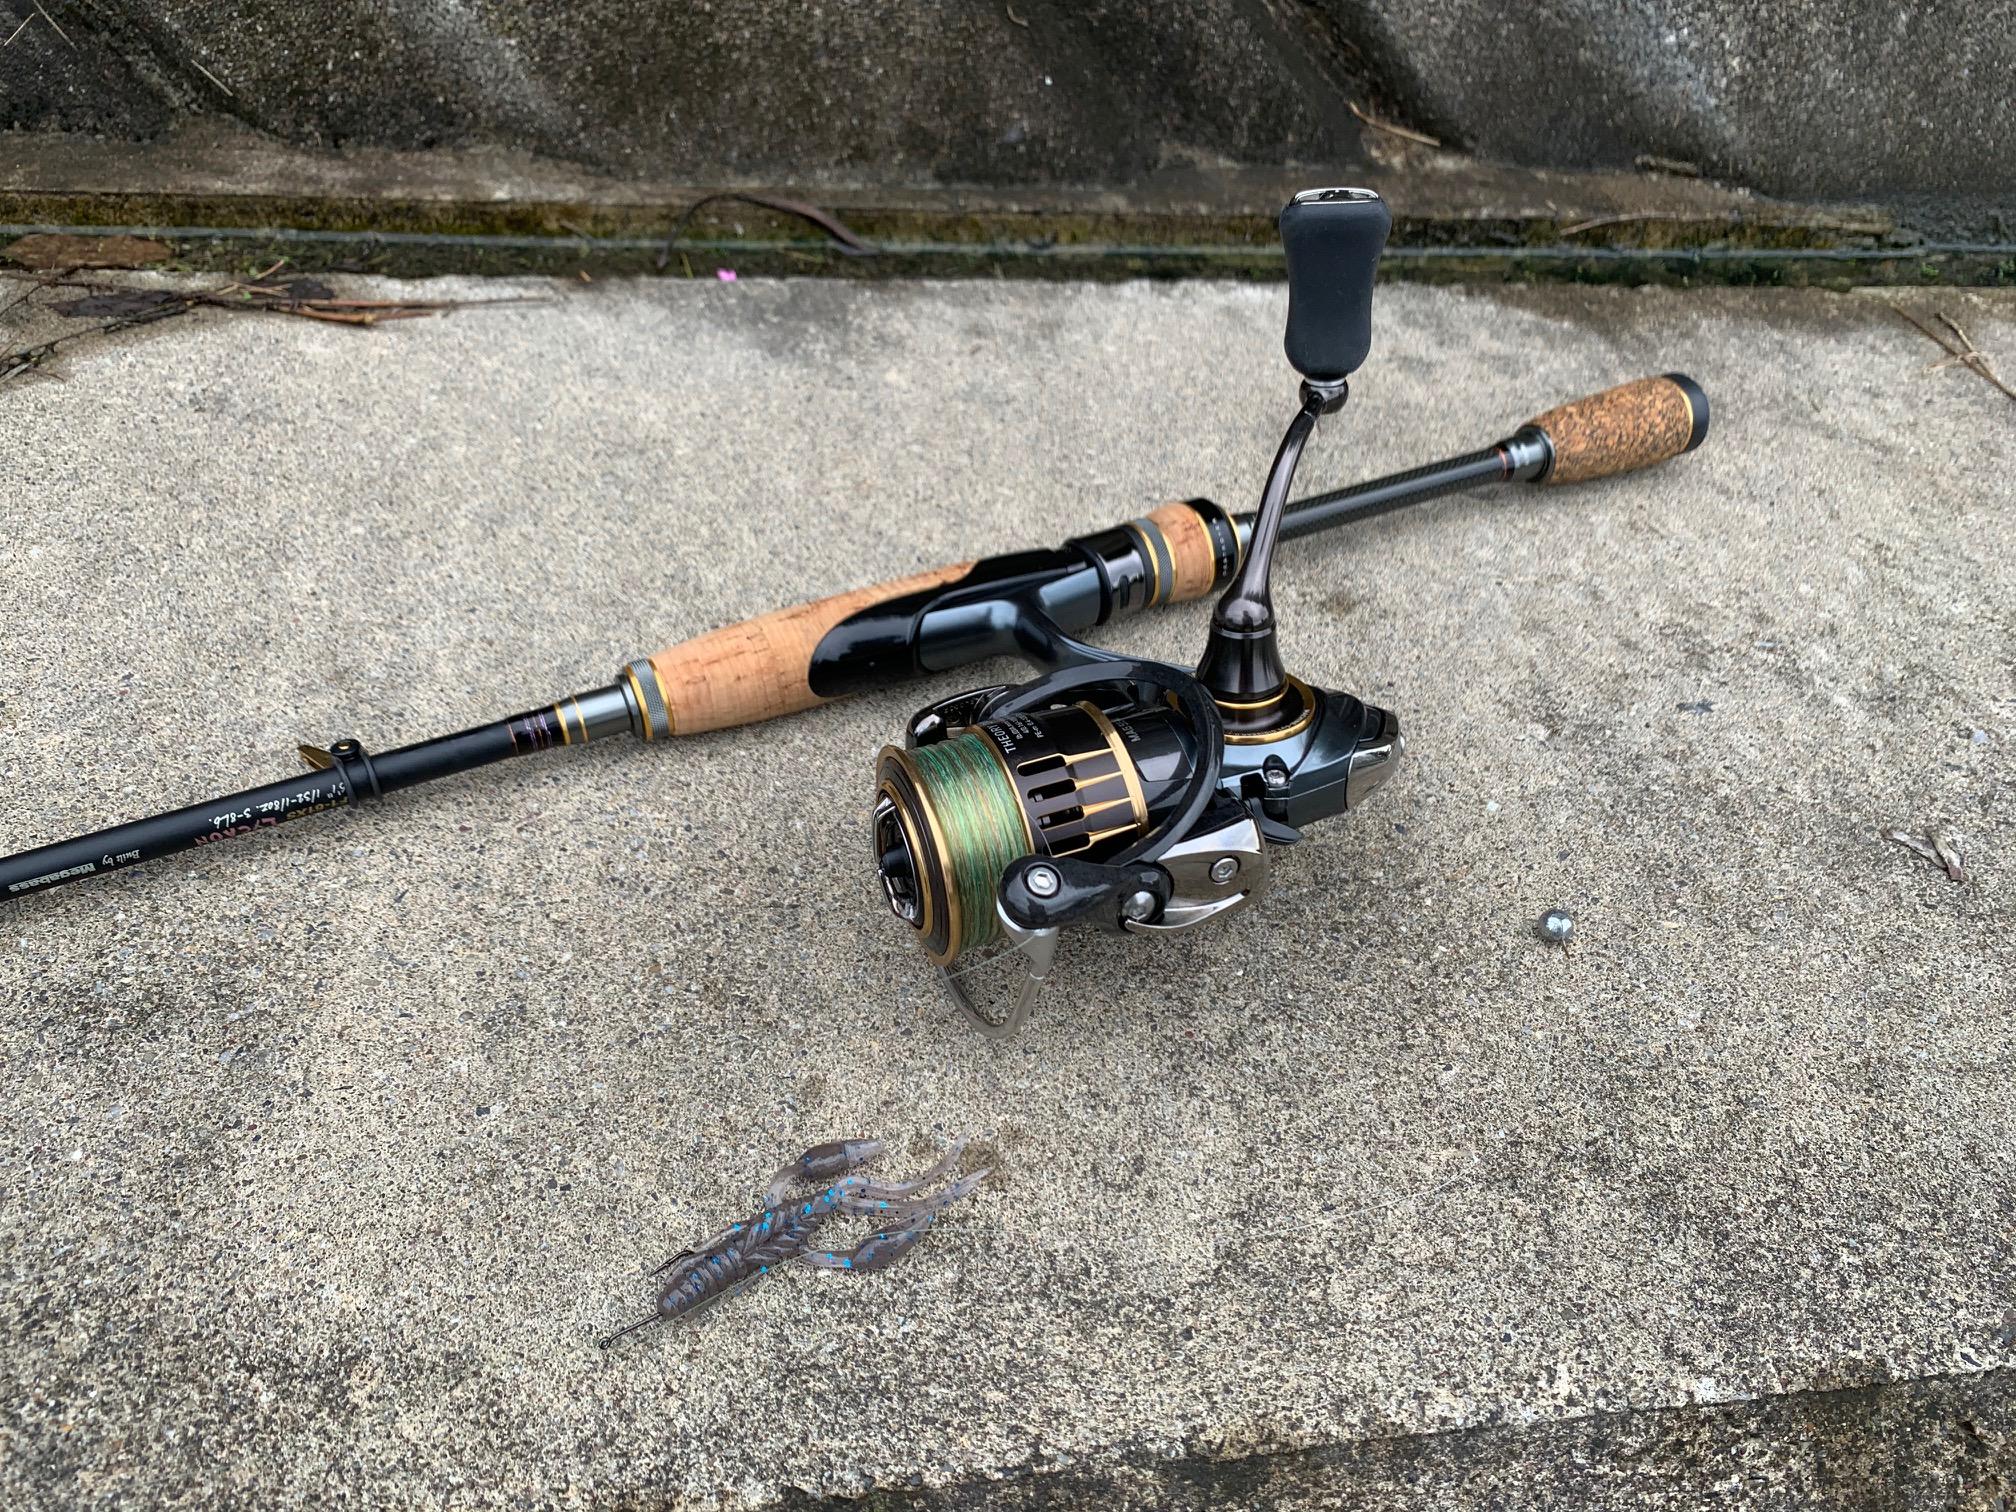 ダウンショットリグの釣り方は?活用法や釣れるテクニックをご紹介!